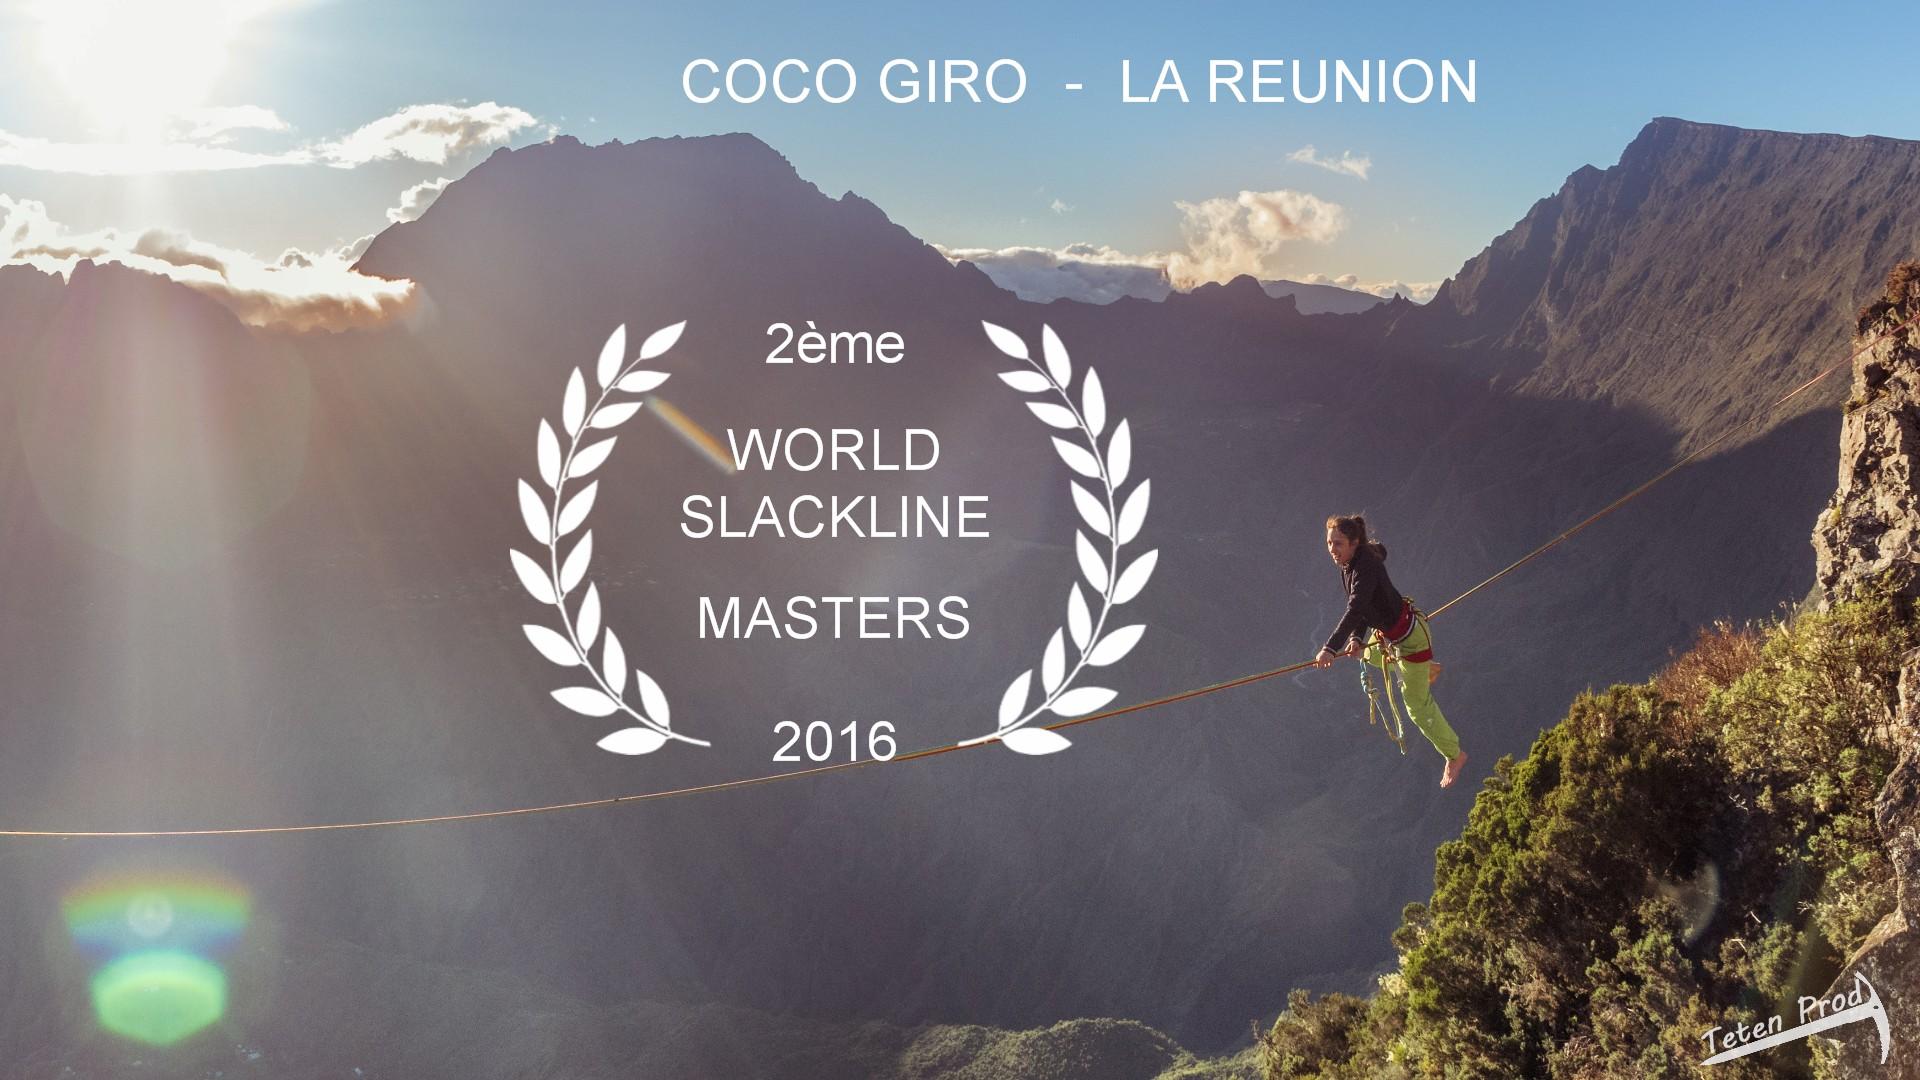 Trickline Coco Giro